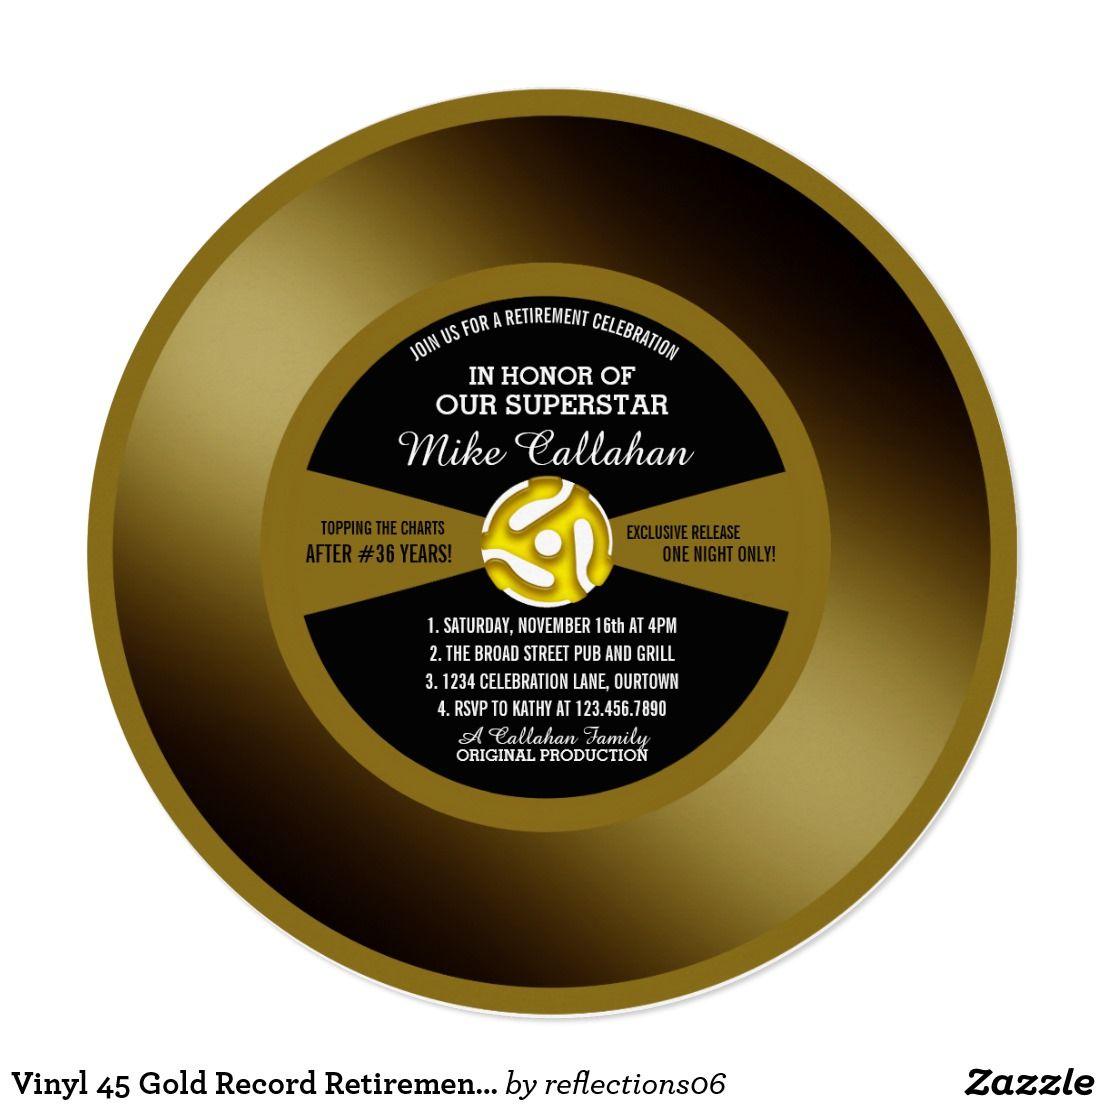 Gold Record Vinyl 45 Retirement Party Invitation Zazzle